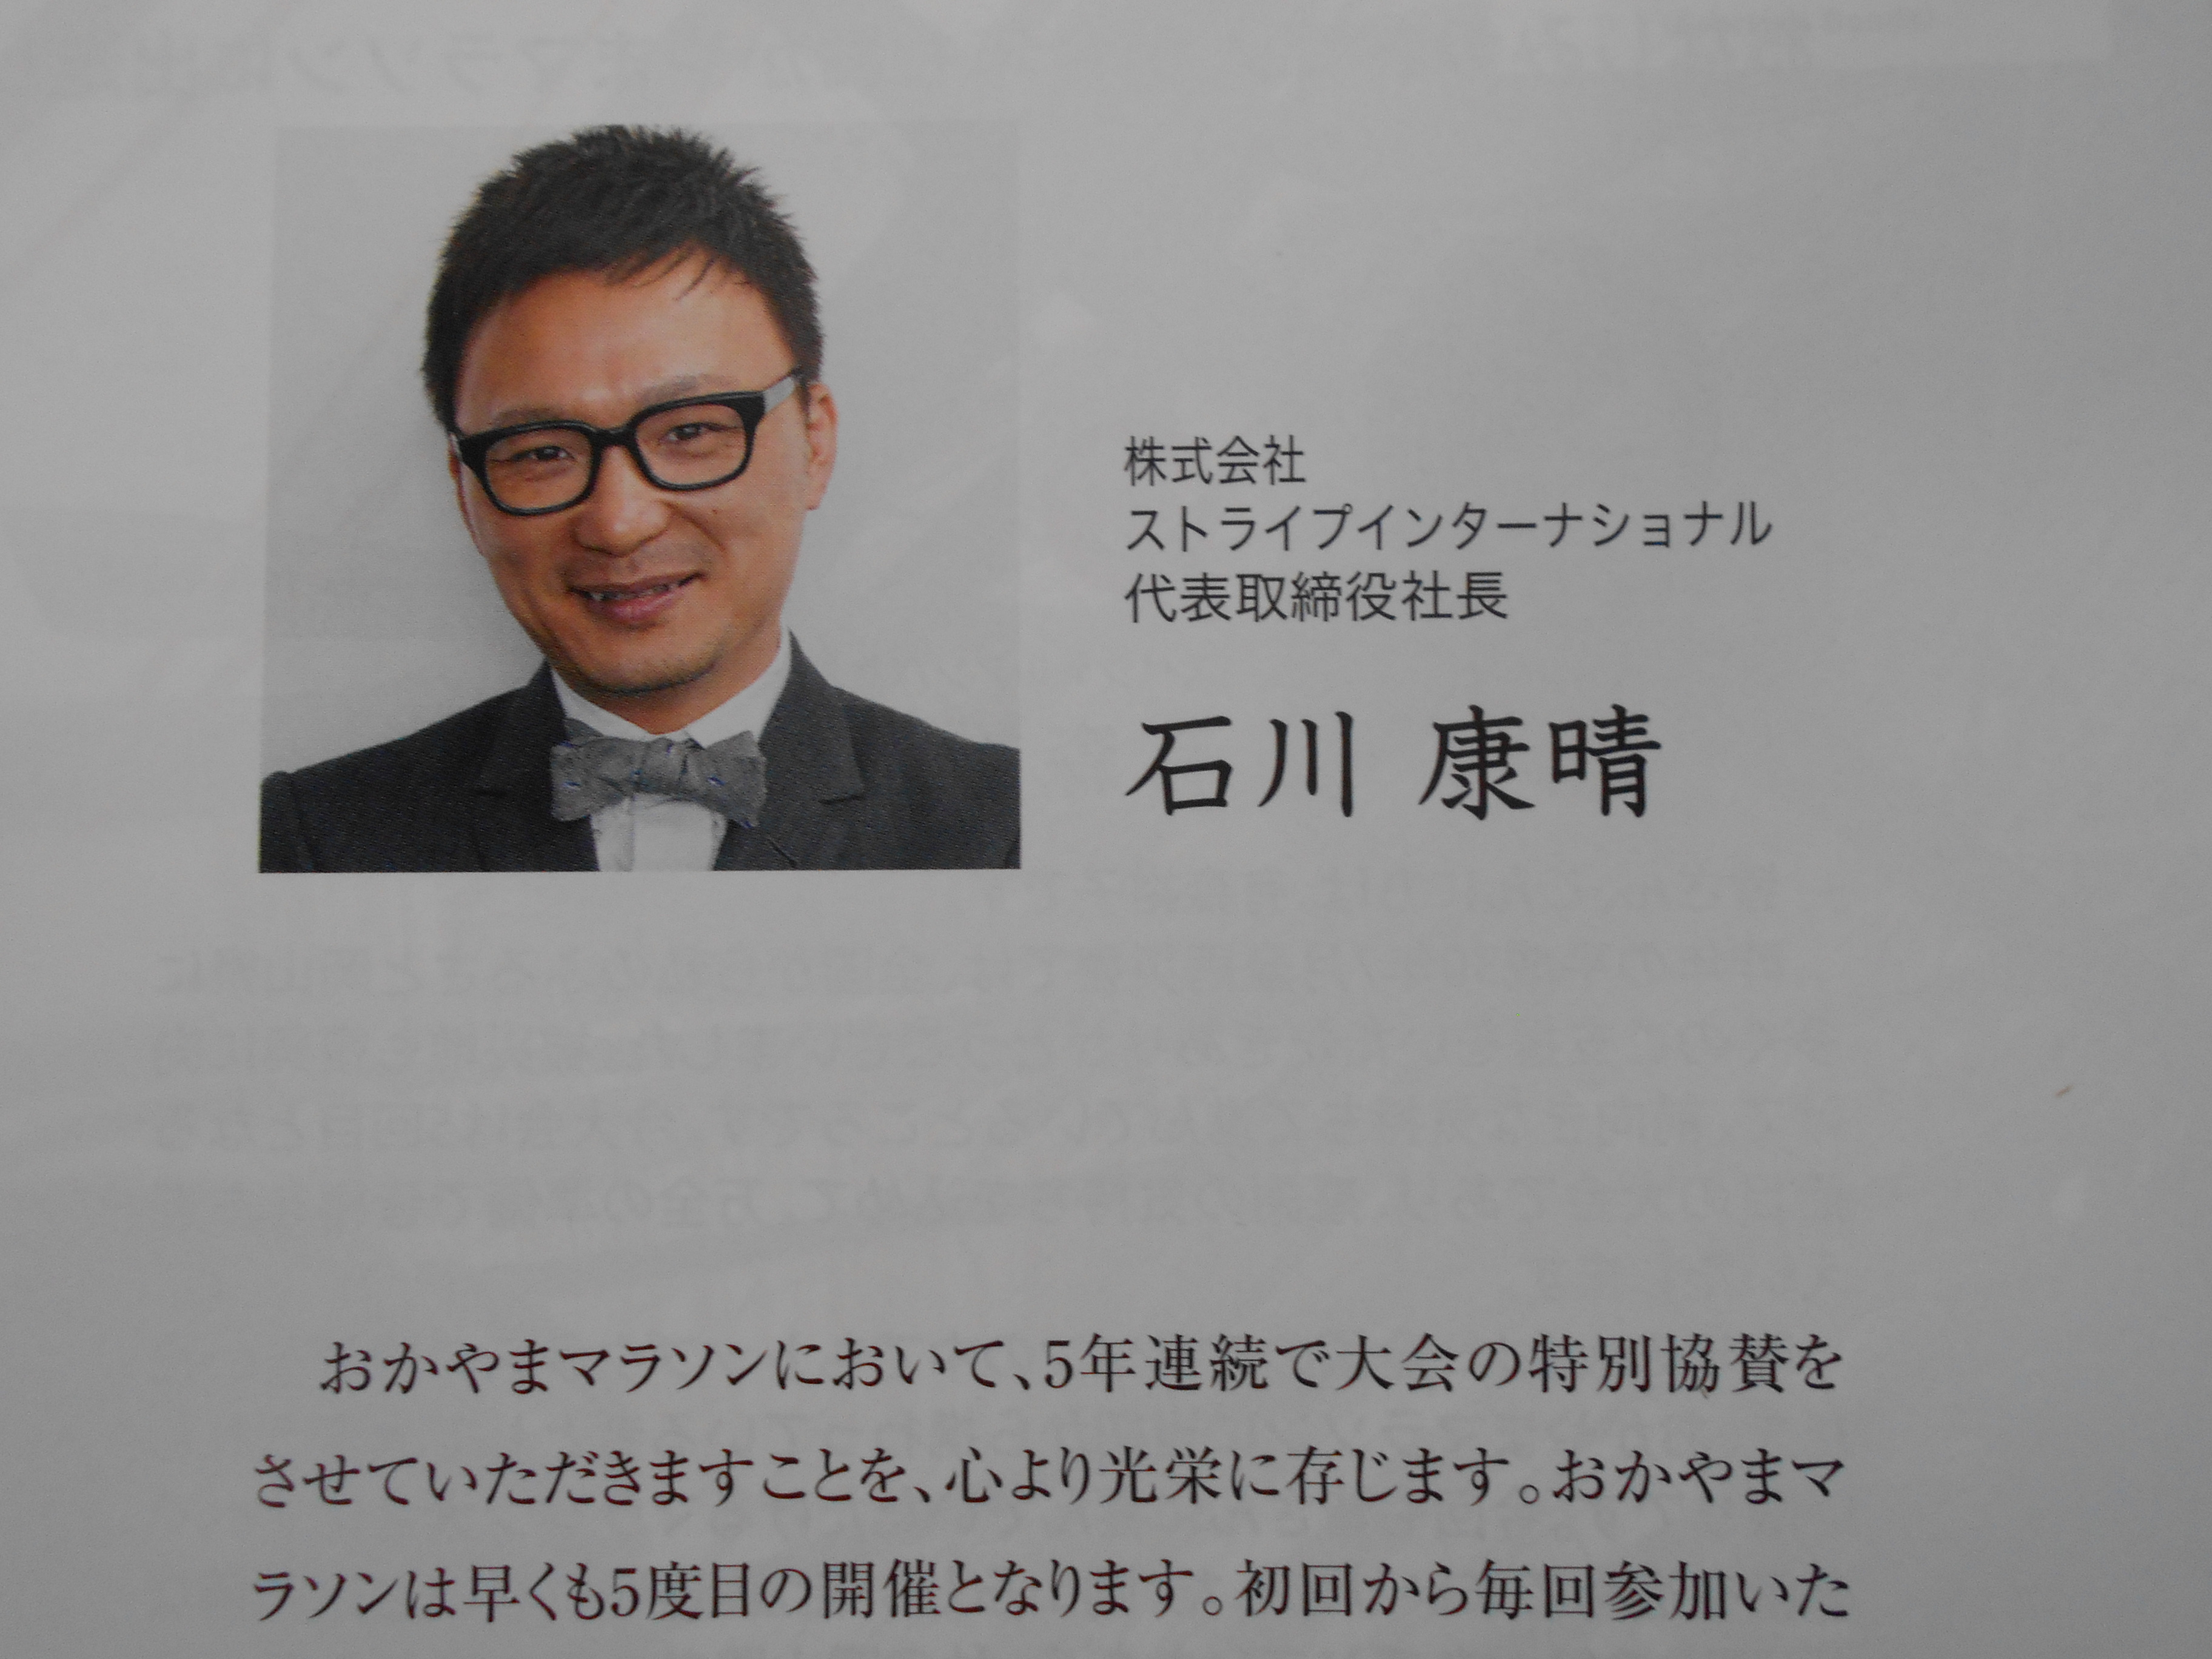 石川 康晴 社長